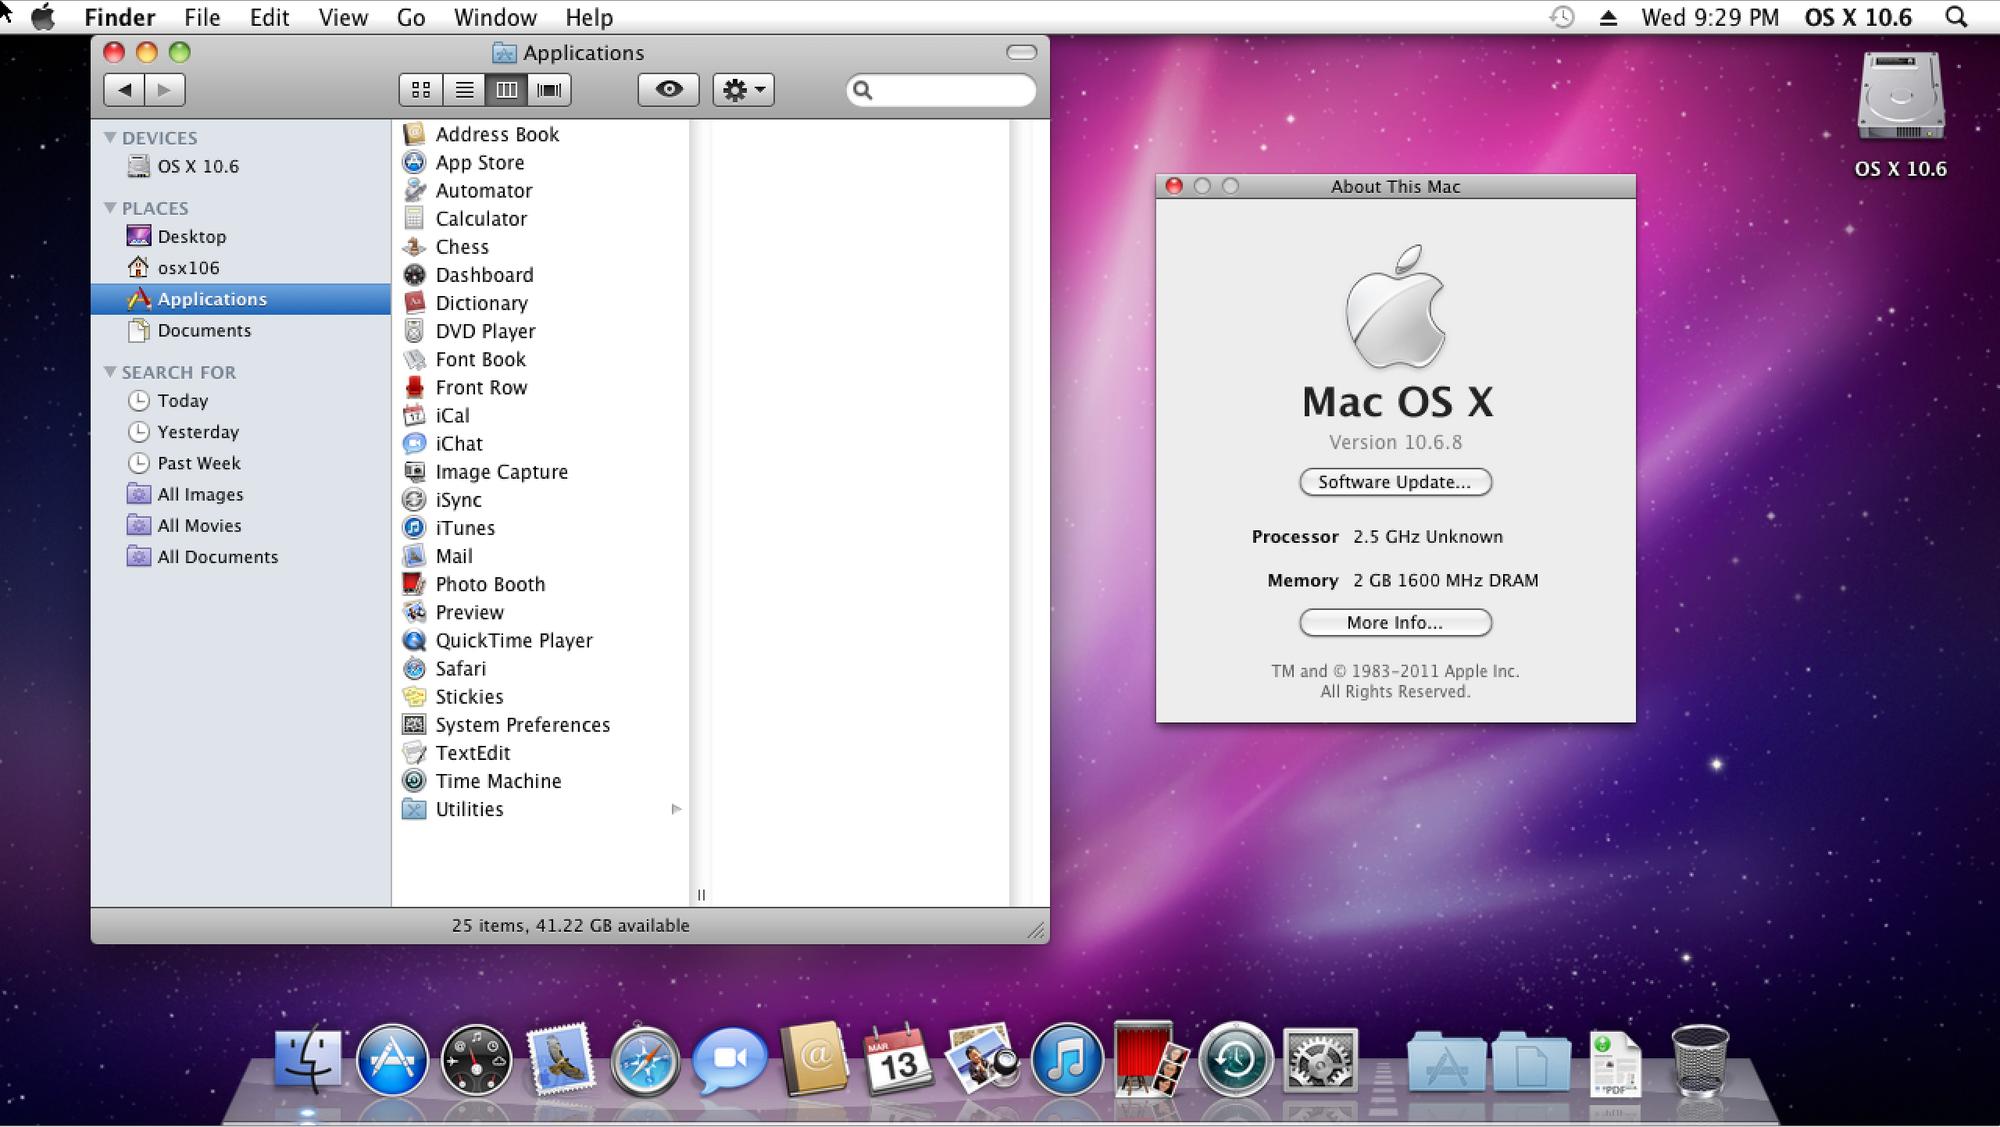 safari browser for mac 10.5.6